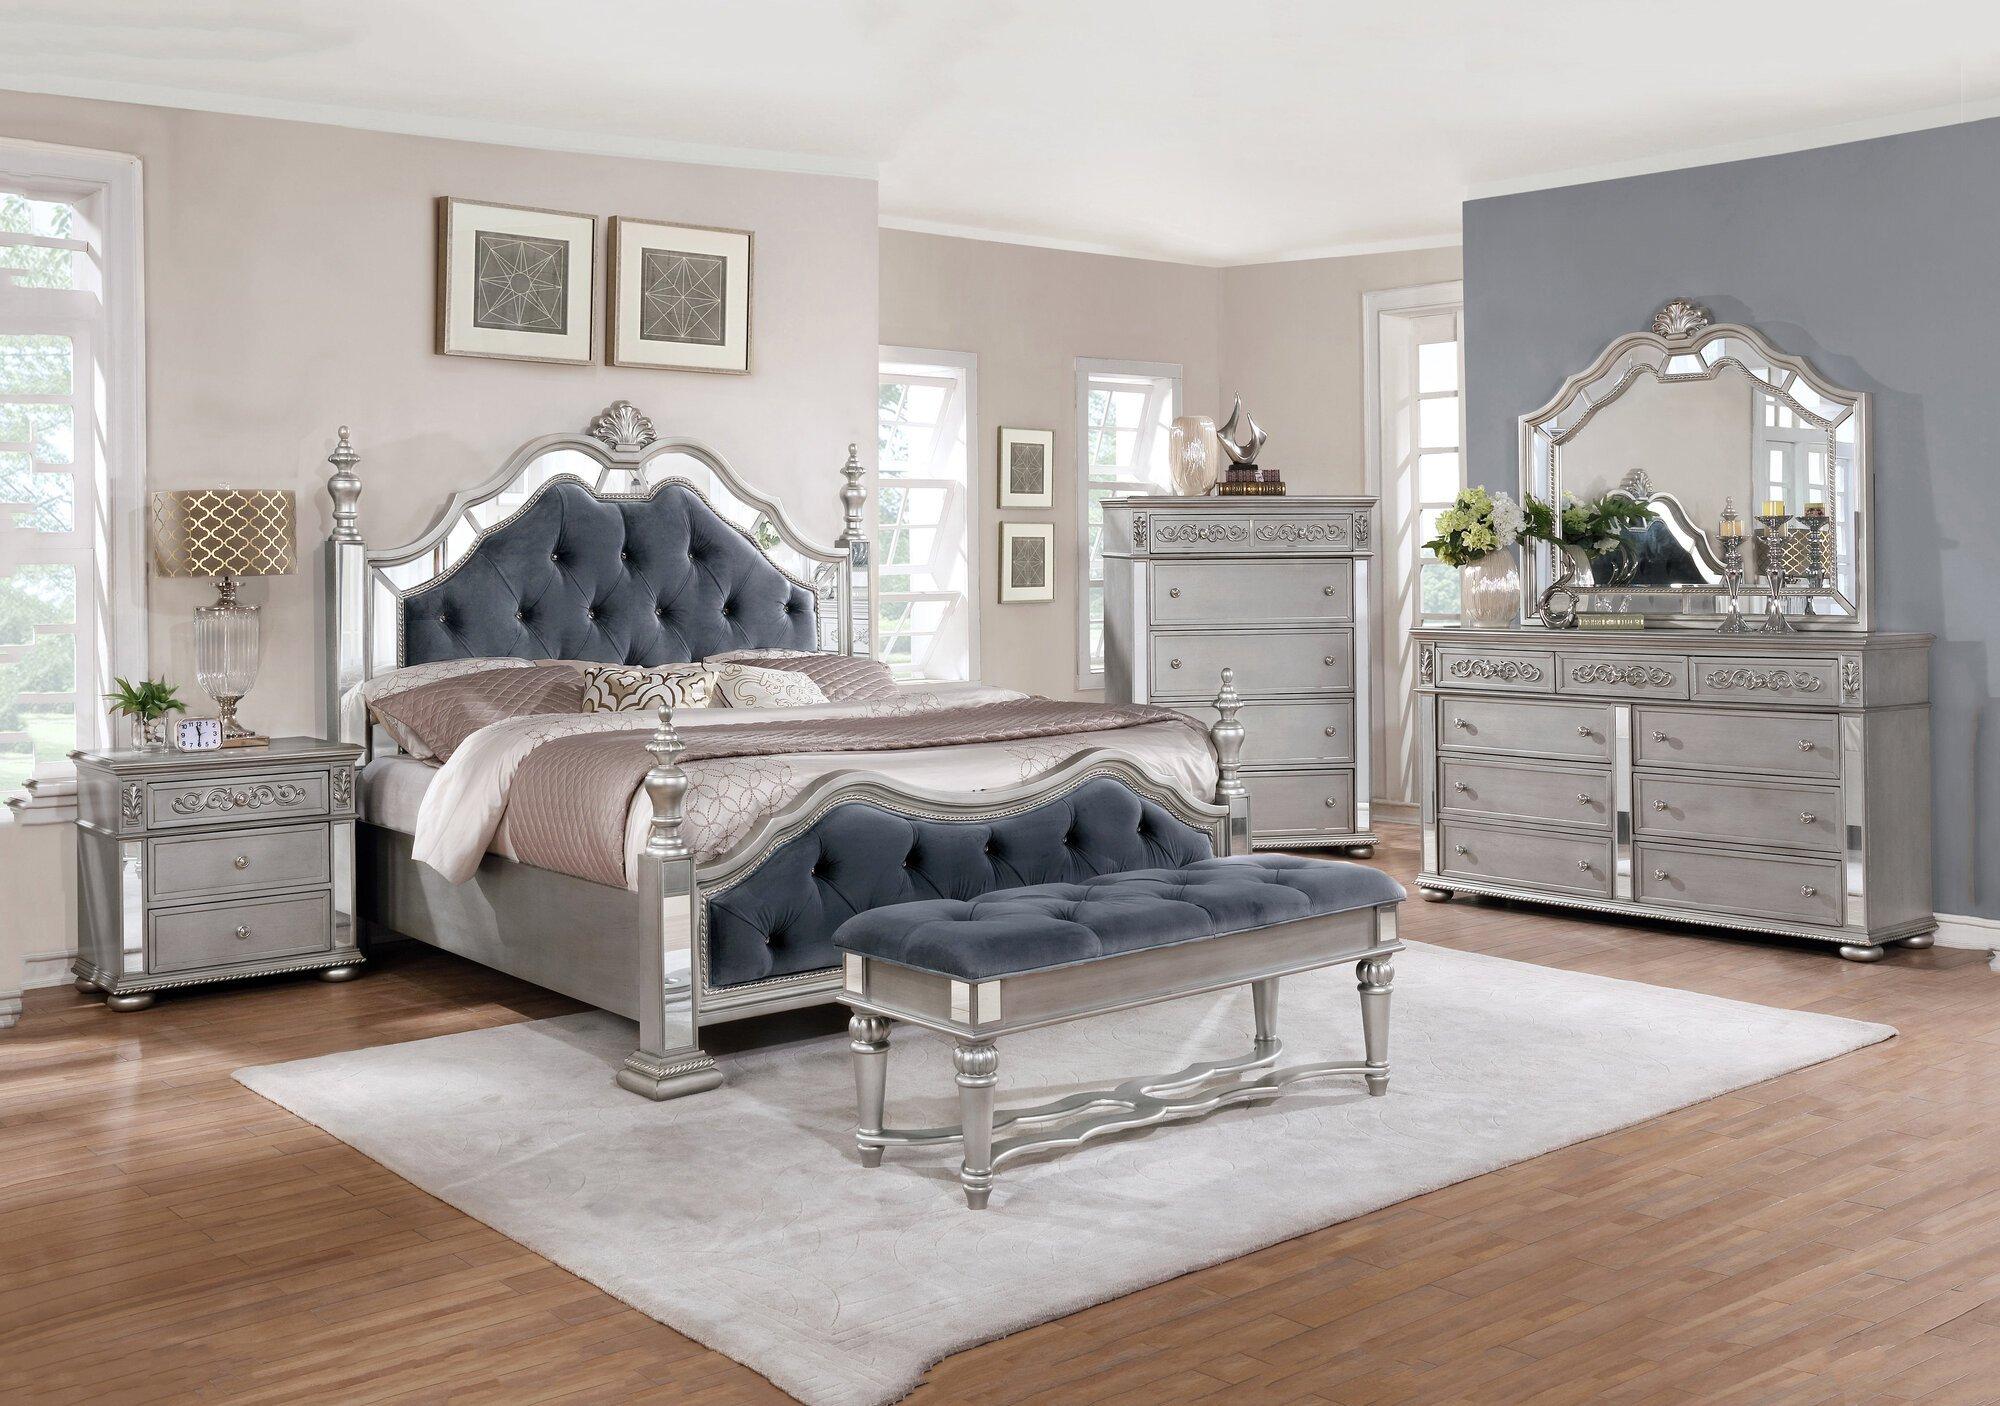 Wayfair Bedroom Set Queen Beautiful Details About Rosdorf Park Kenton Standard 5 Piece Bedroom Set